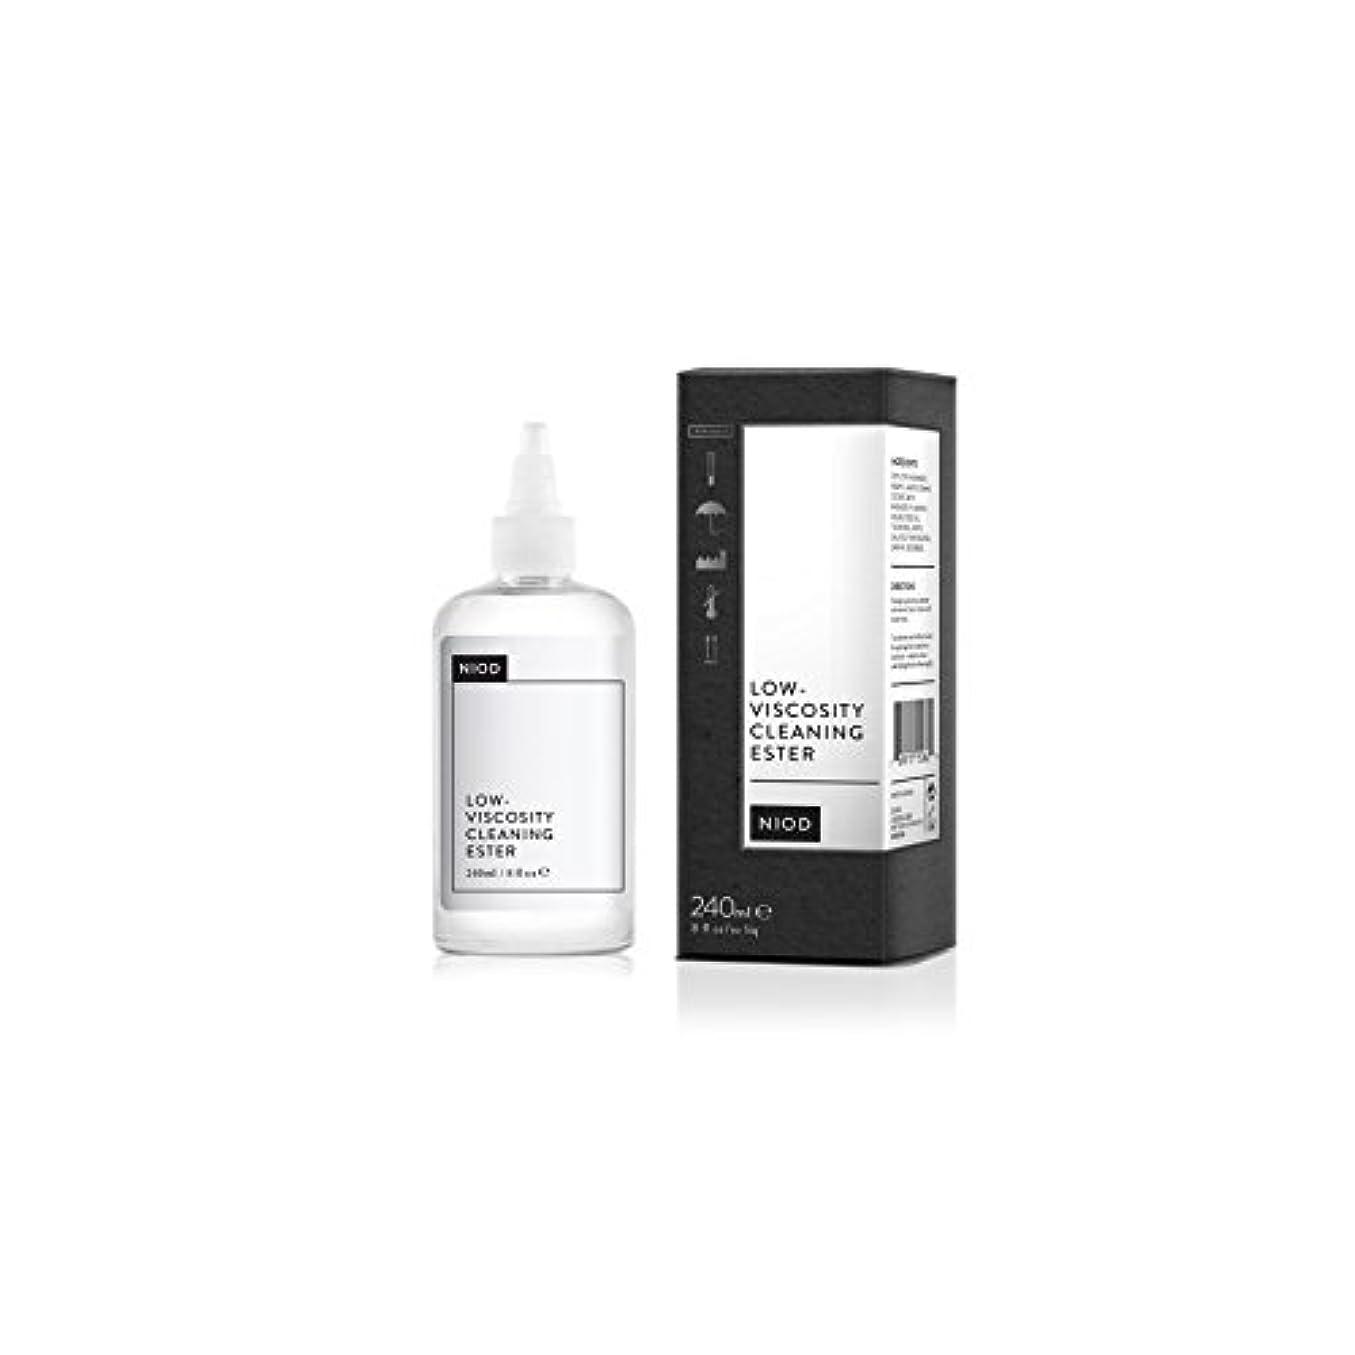 探すログ錆び低粘度のクリーニングエステル(240ミリリットル) x2 - Niod Low-Viscosity Cleaning Ester (240ml) (Pack of 2) [並行輸入品]